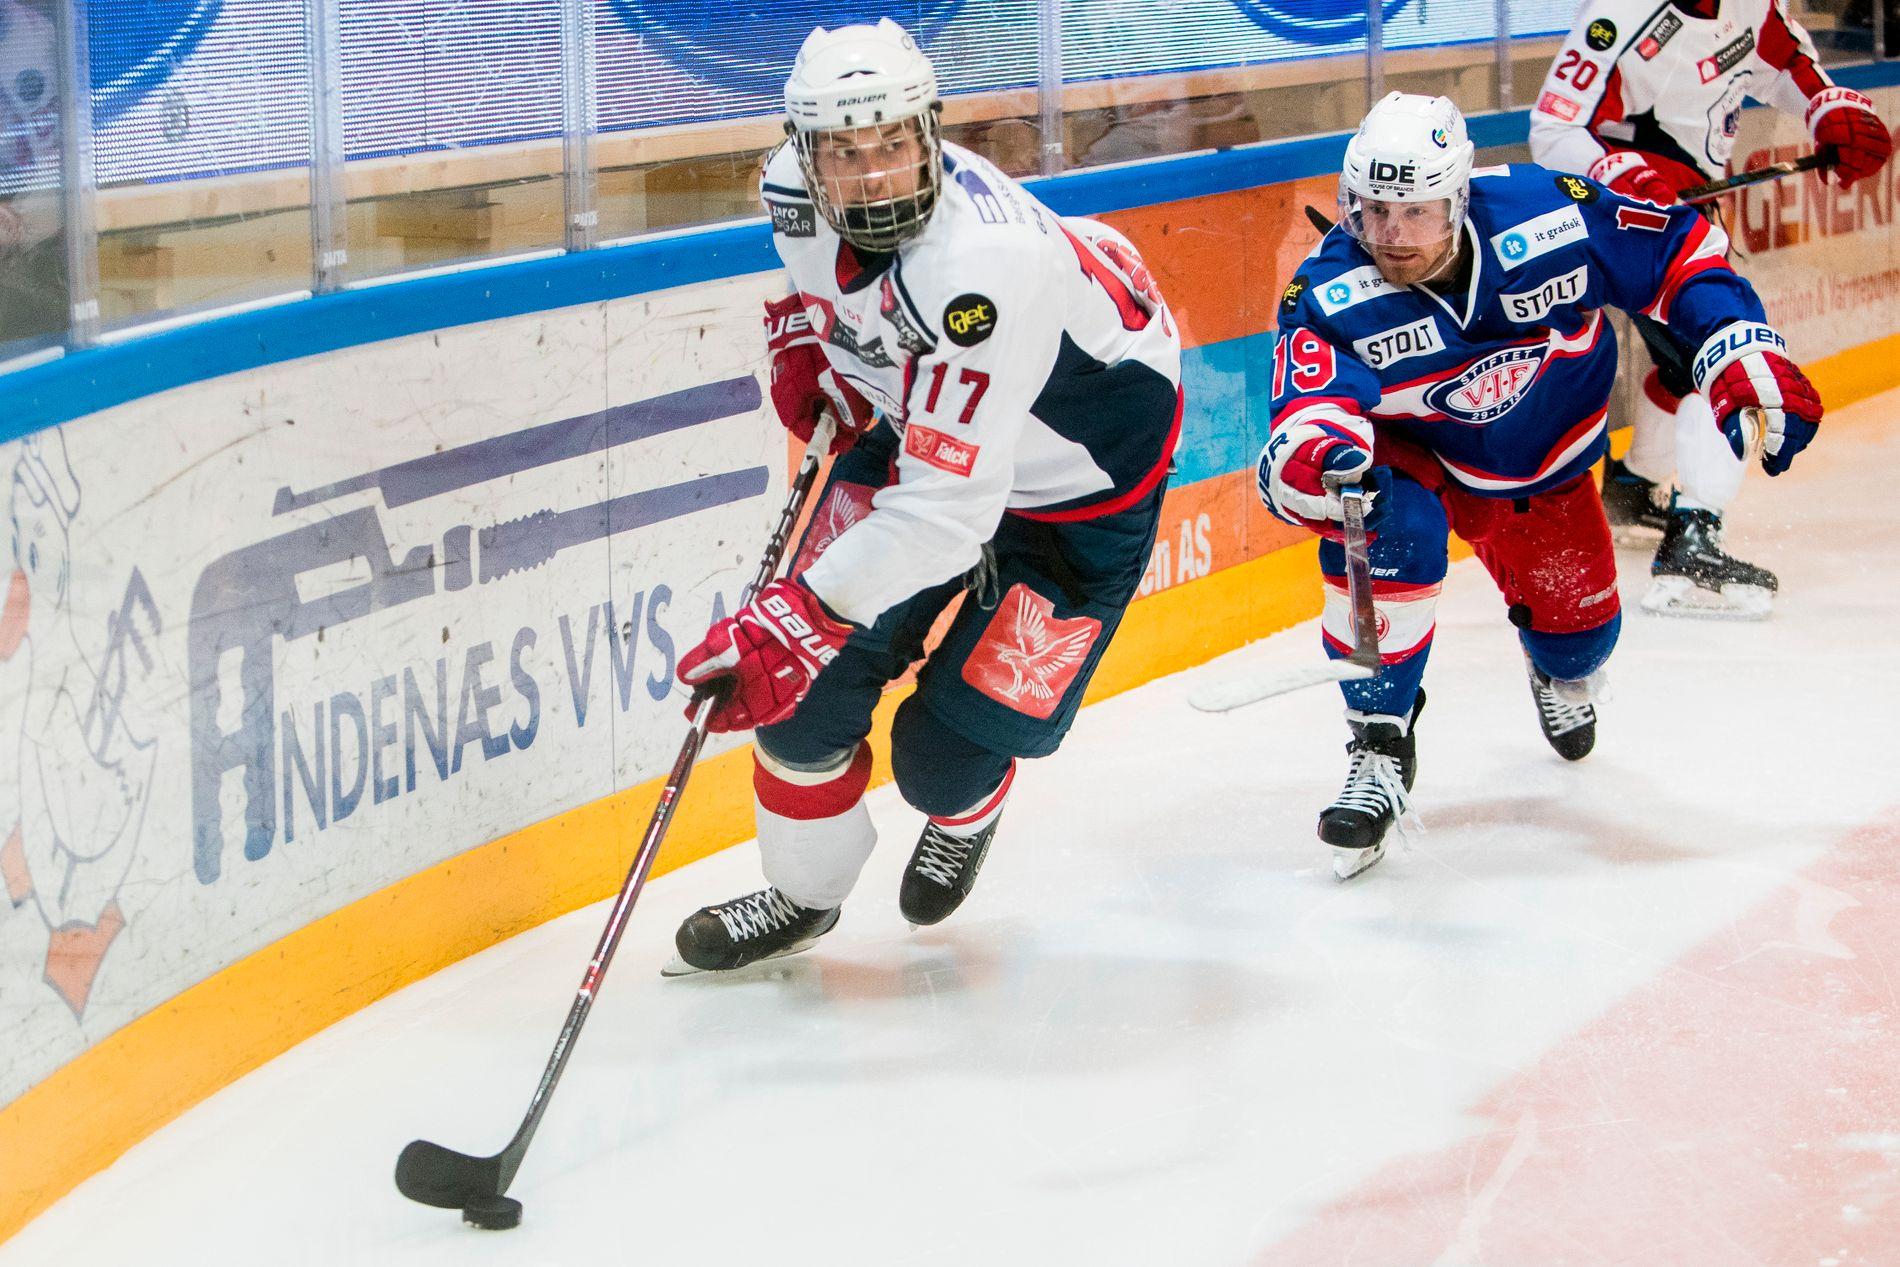 Lørenskog ishockey står på kanten av stupet. Foto: Tore Meek / NTB scanpix